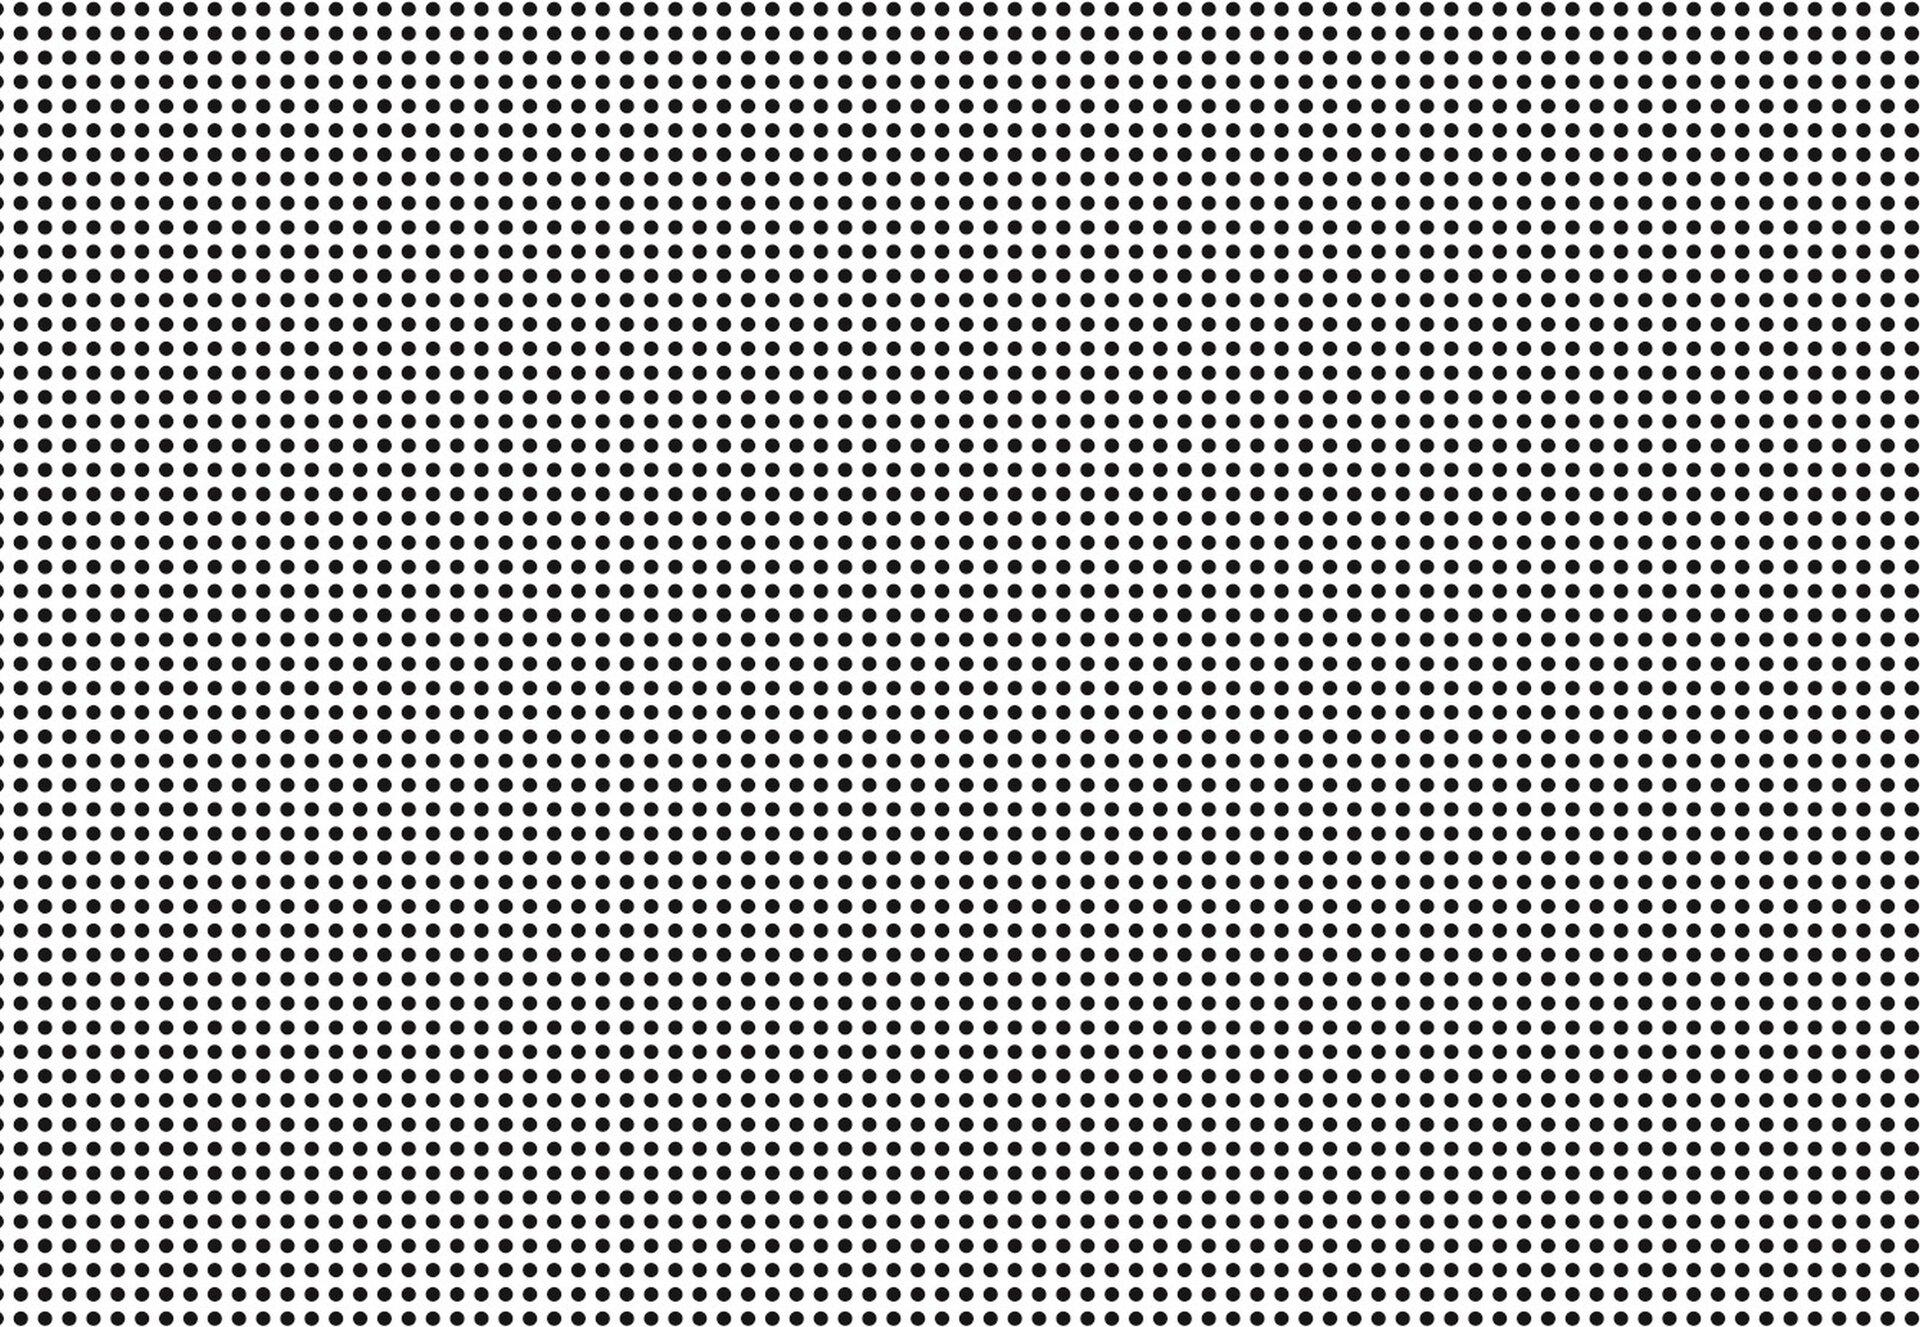 Ilustracja przedstawiająca punkty wykonane komputerowo.